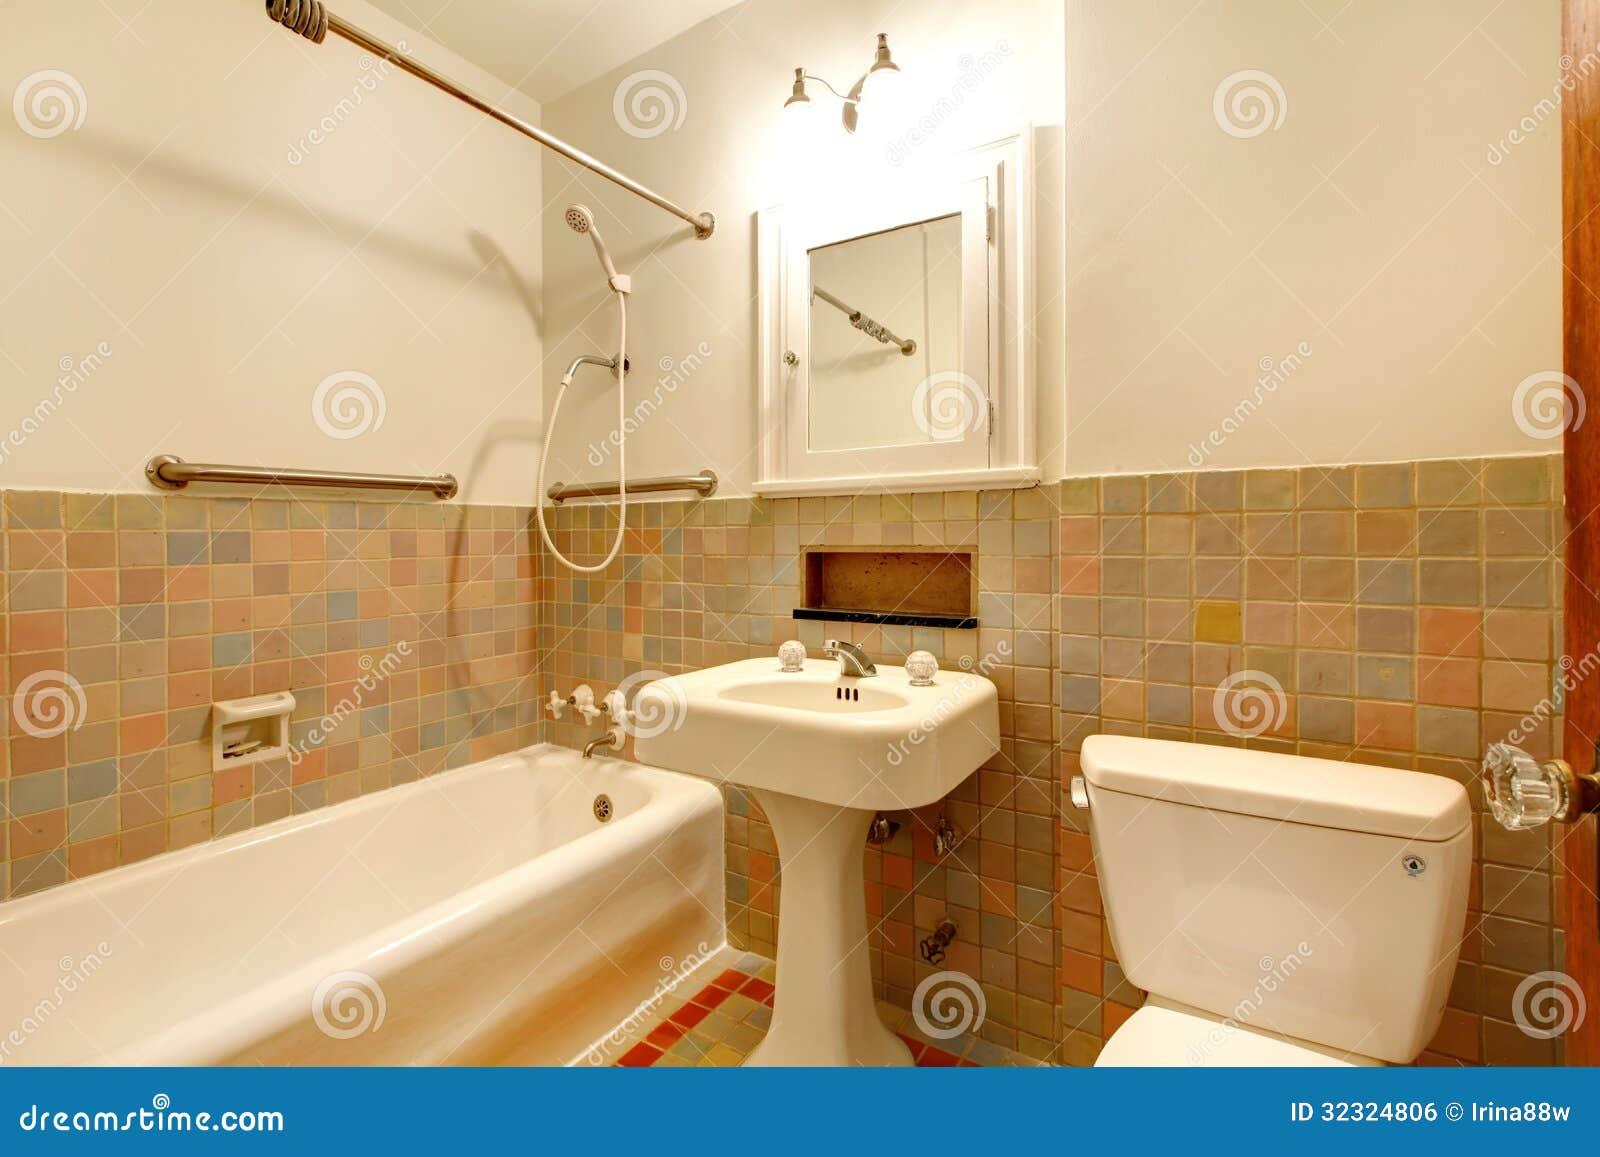 Tinas De Baño Viejas:de baño del apartamento con los viejos accesorios antiguos y la tina